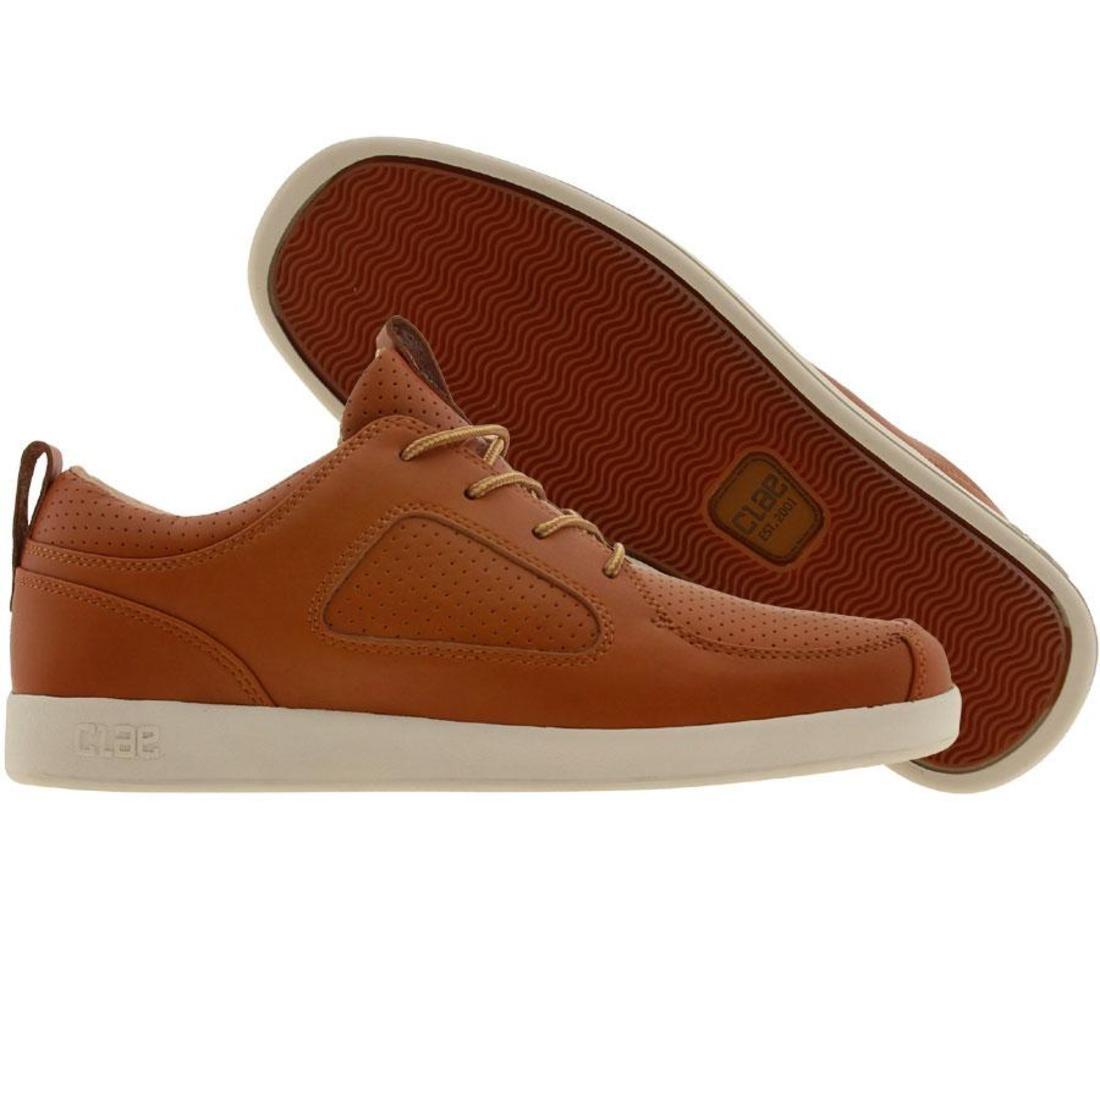 【海外限定】パーカー メンズ靴 スニーカー 【 CLAE PARKER CARAMEL 】